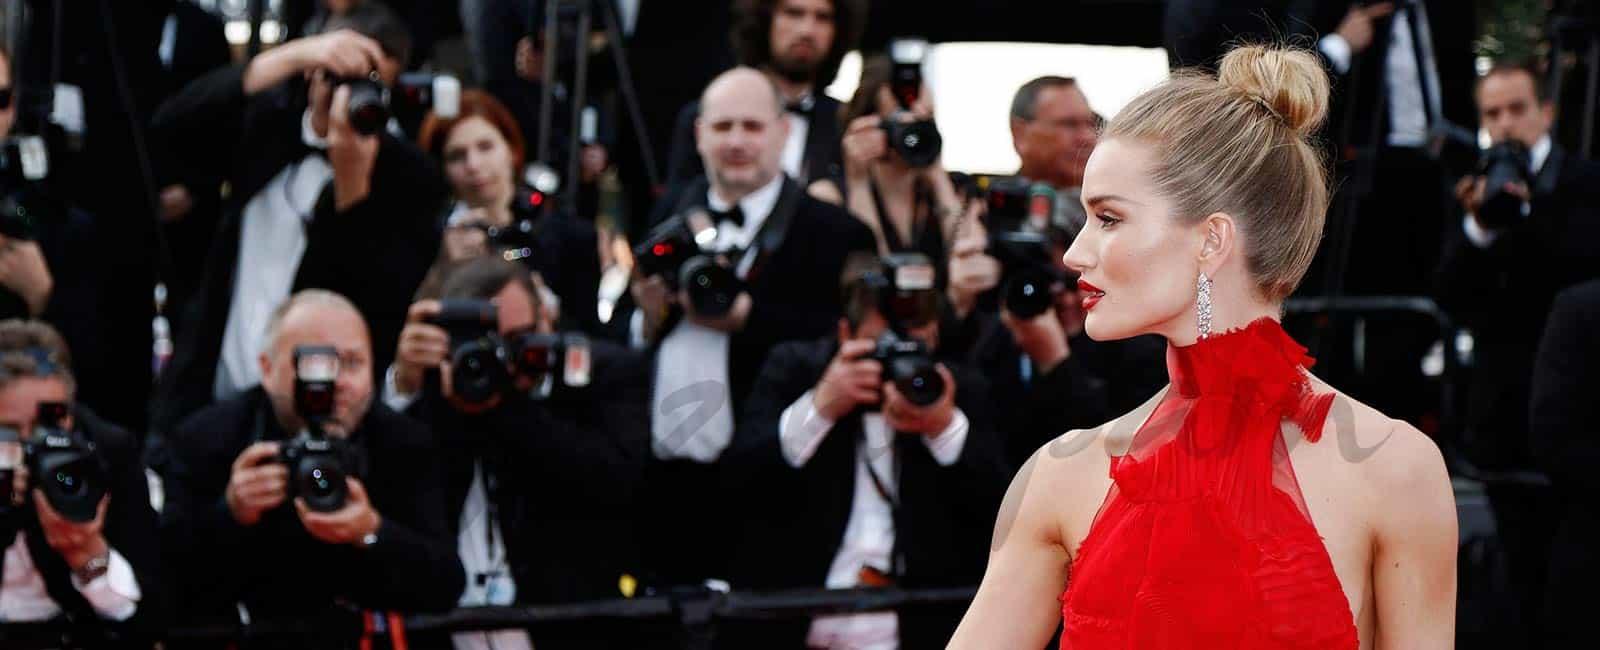 Cannes… Desfile de top models sobre la alfombra roja